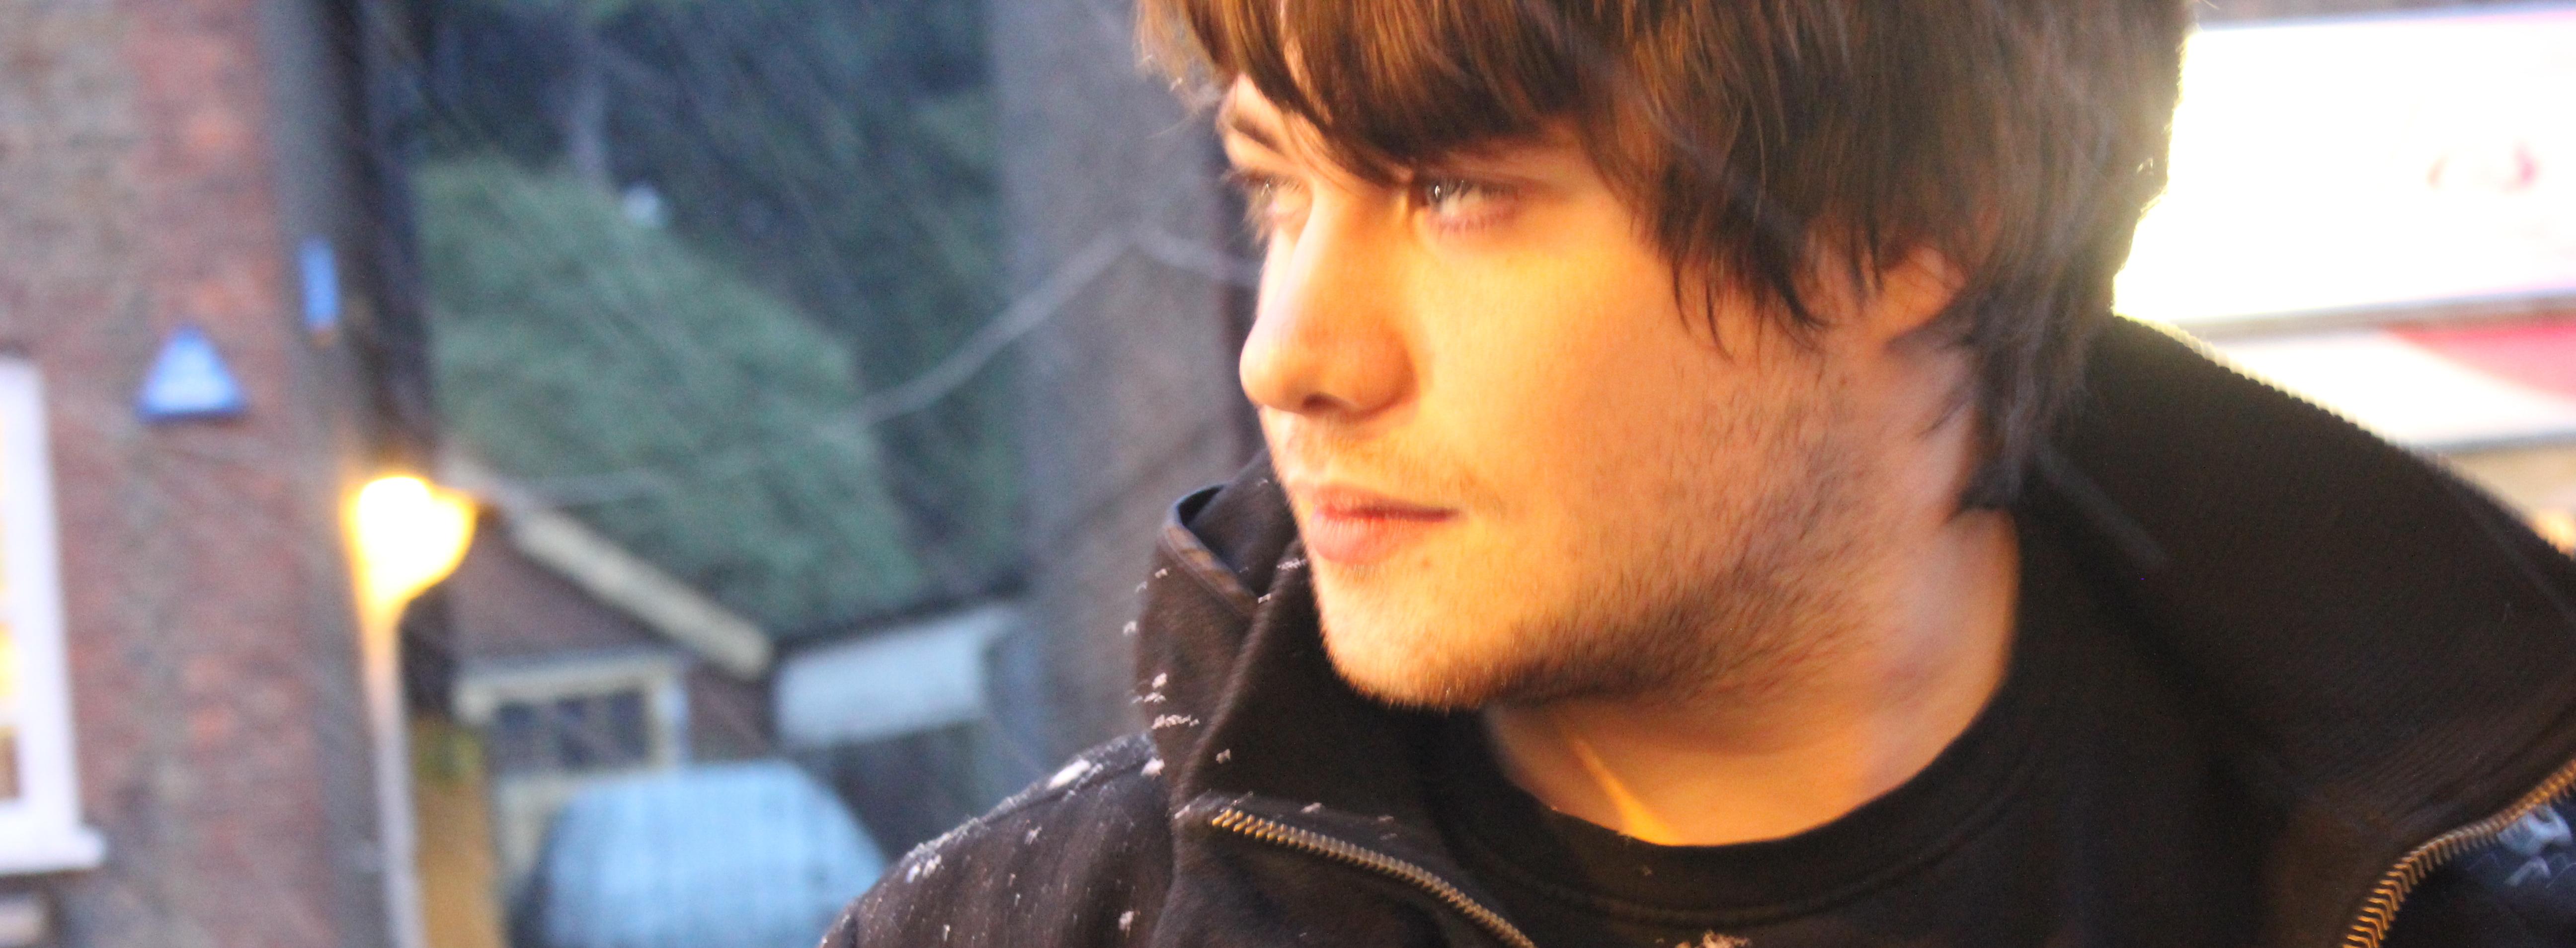 13_snow_portrait_